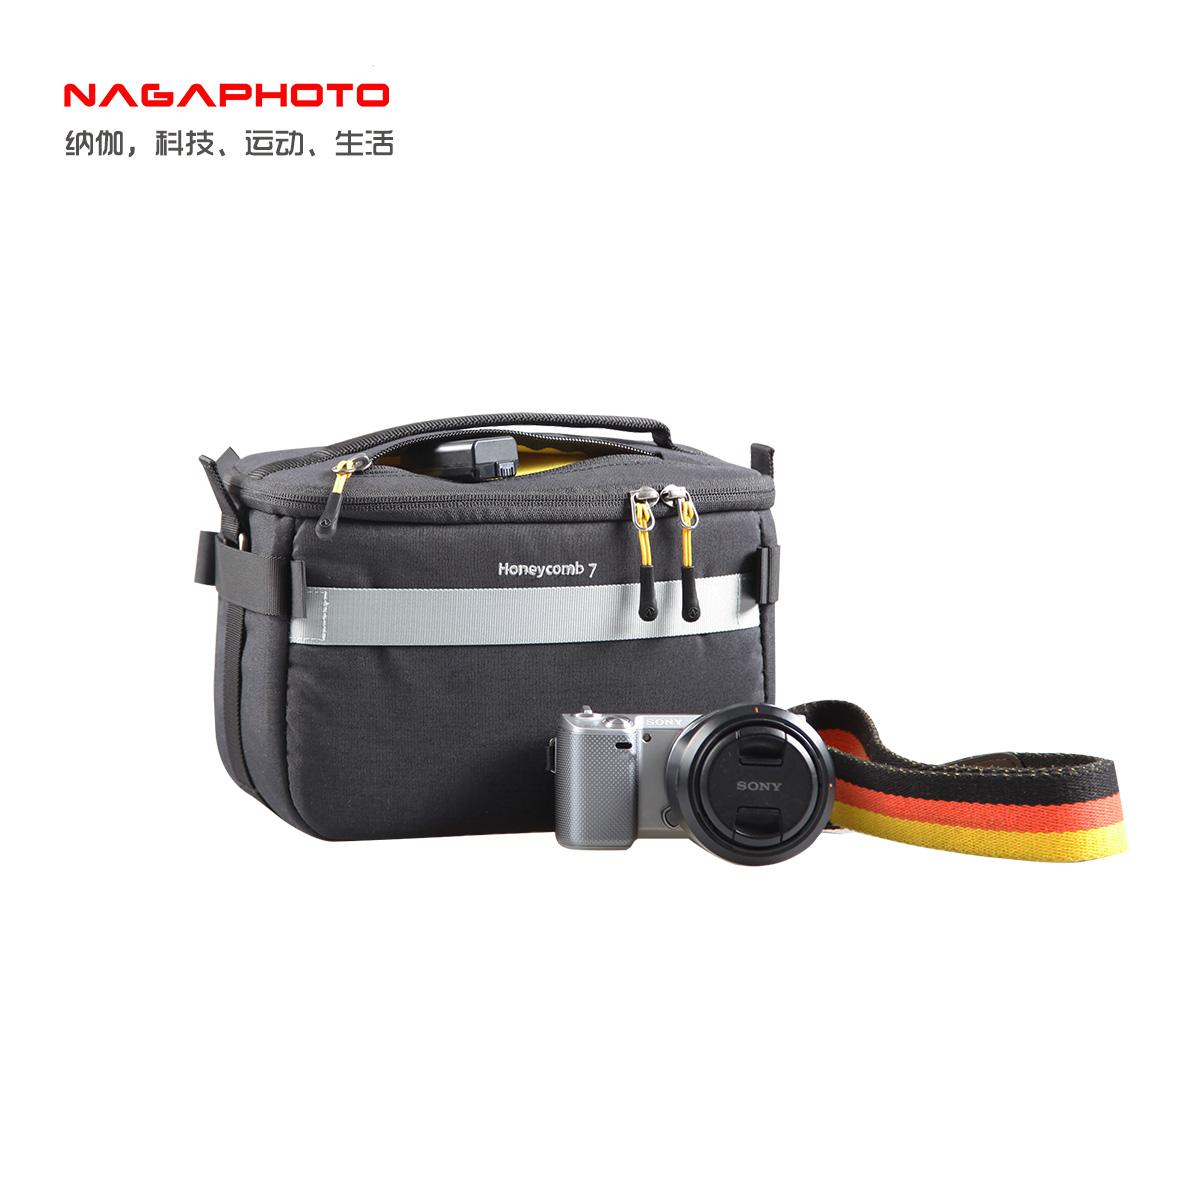 Принимать га улей слегка один камера пакет sony a7r2 один источник фотография внутренний защищать толстый талия водонепроницаемый